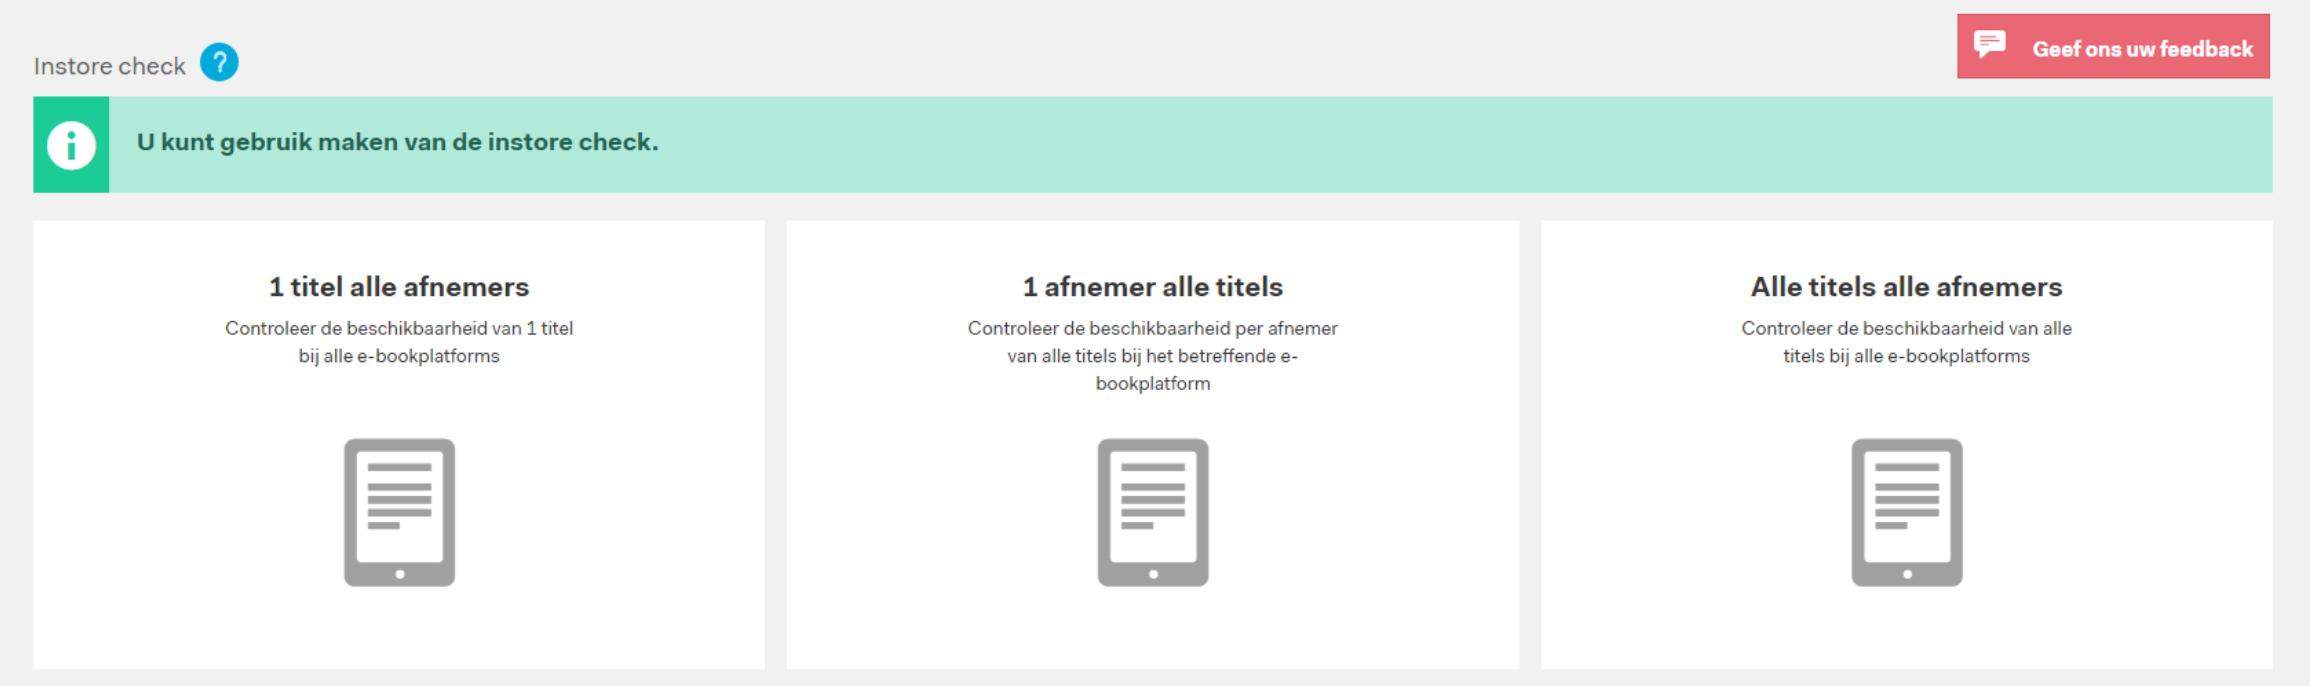 Nieuwe functionaliteiten in CB Online Uitgeverij